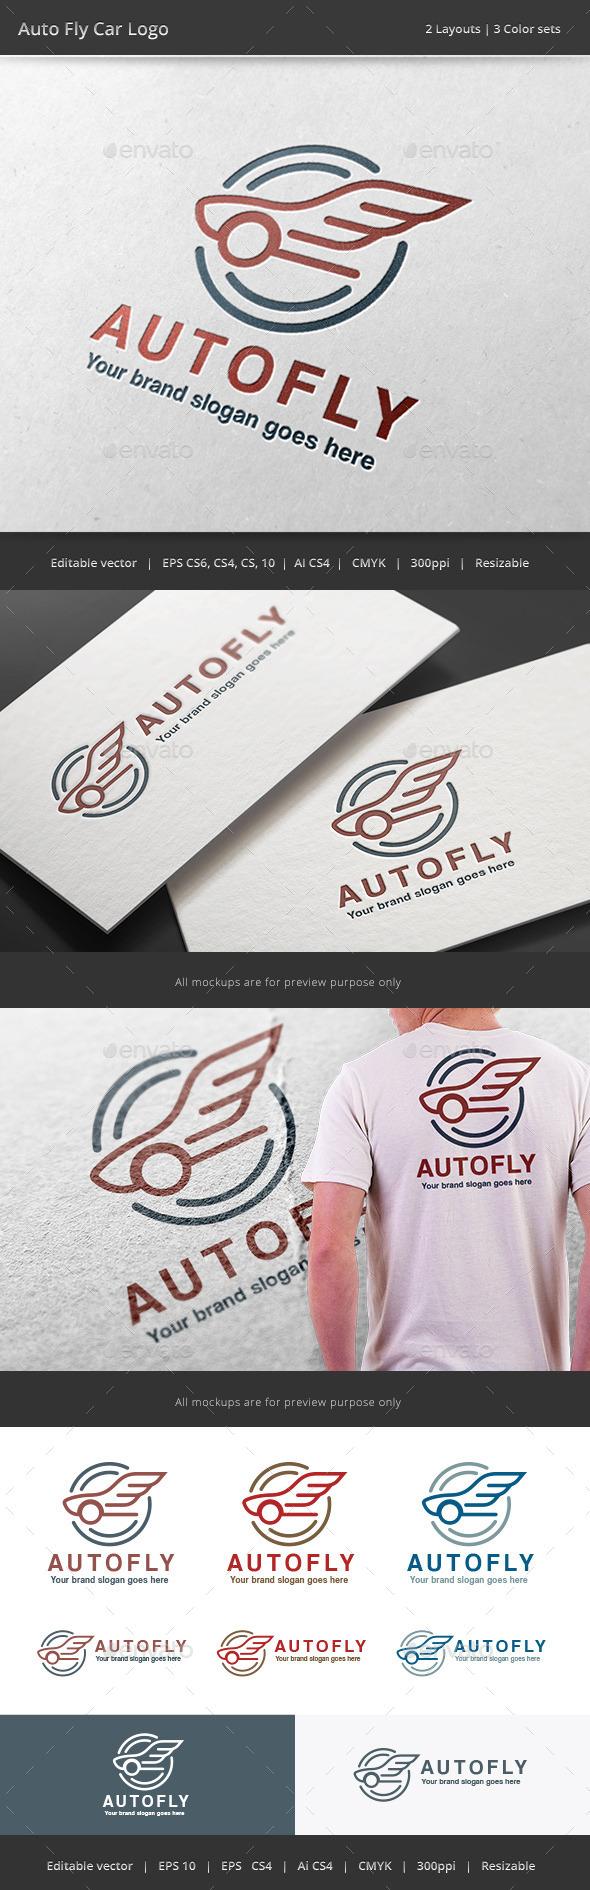 GraphicRiver Auto Fly Car Logo 10929604